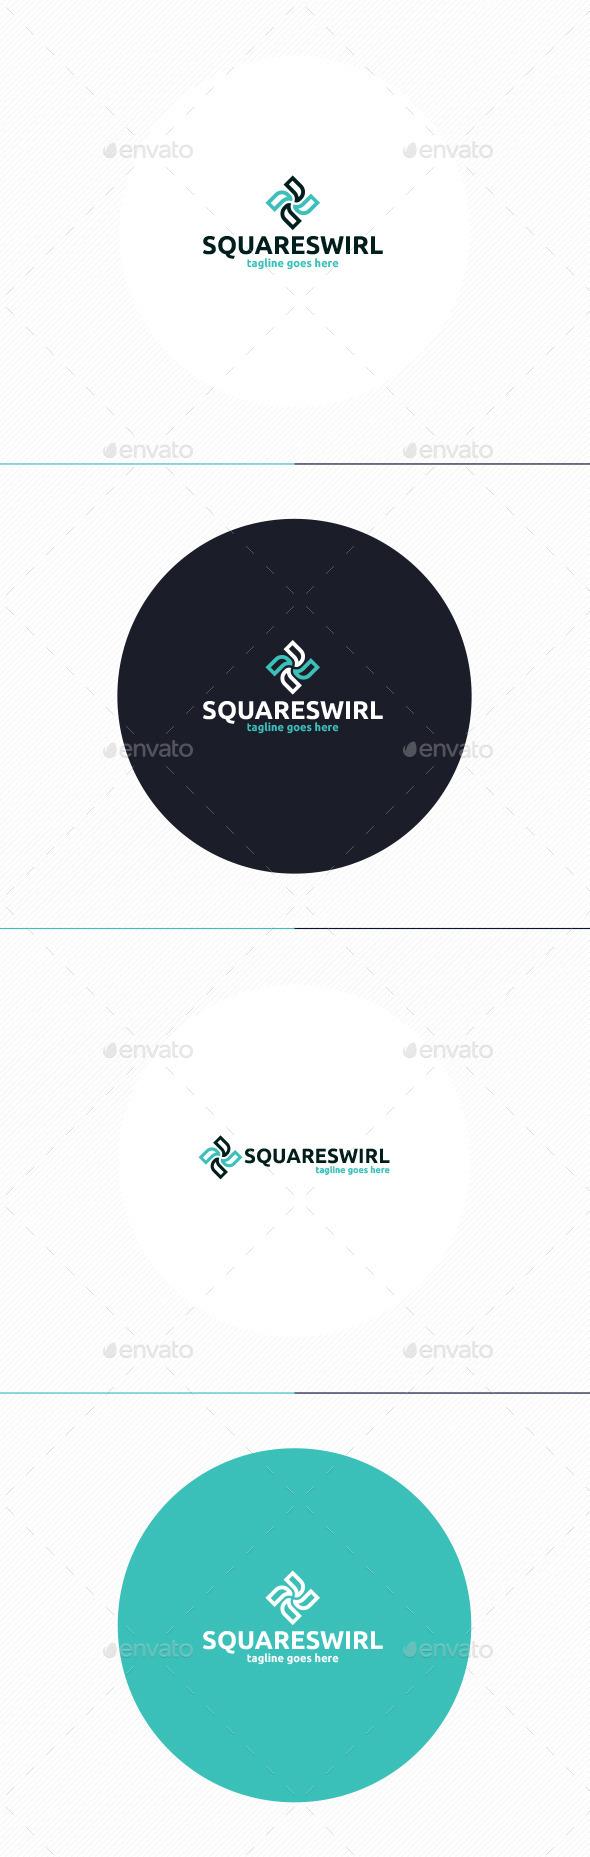 GraphicRiver Square Swirl Logo 11201746